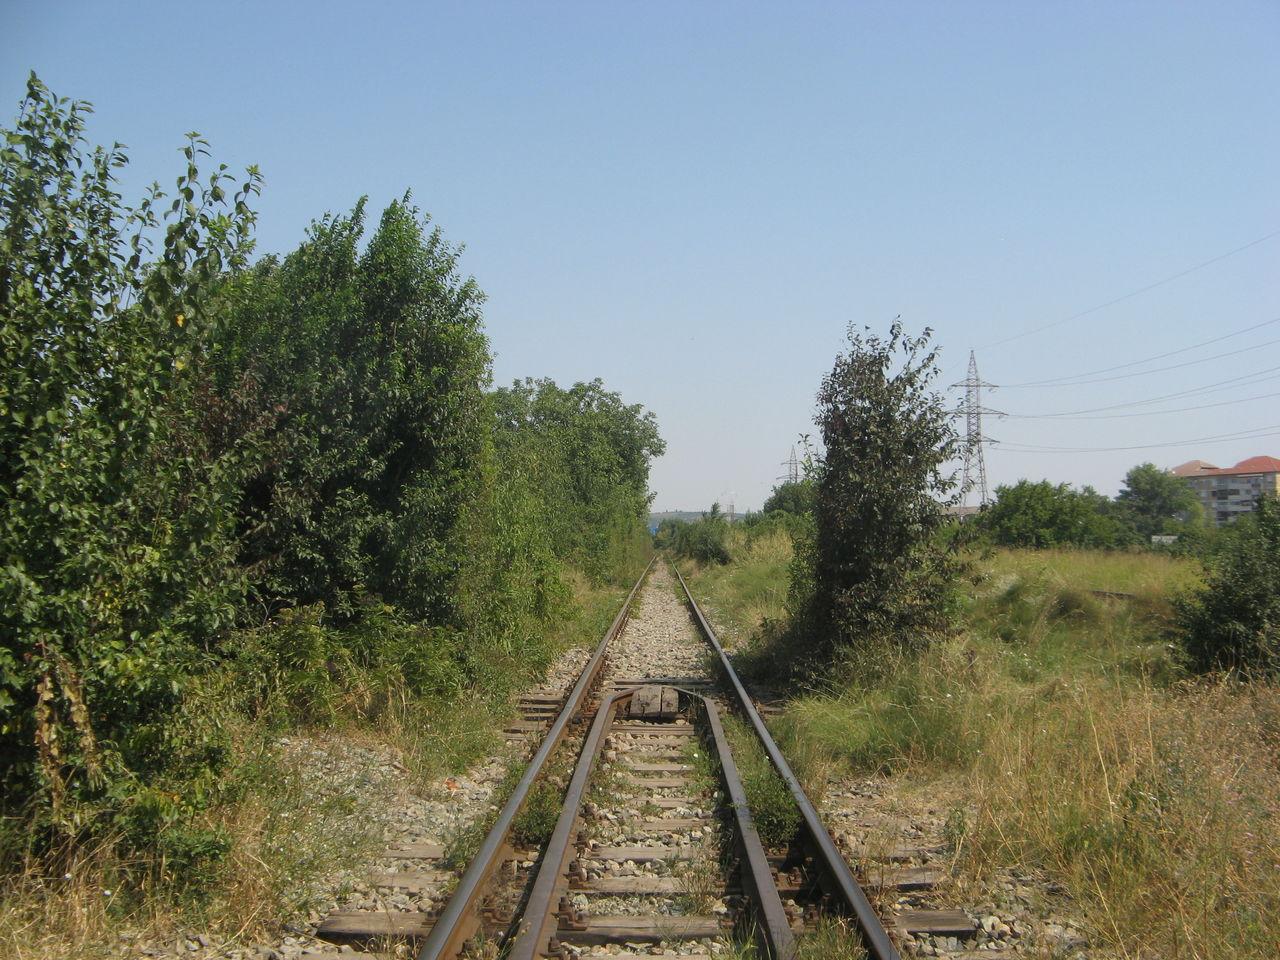 Calea ferată directă Oradea Vest - Episcopia Bihor IMG_0017